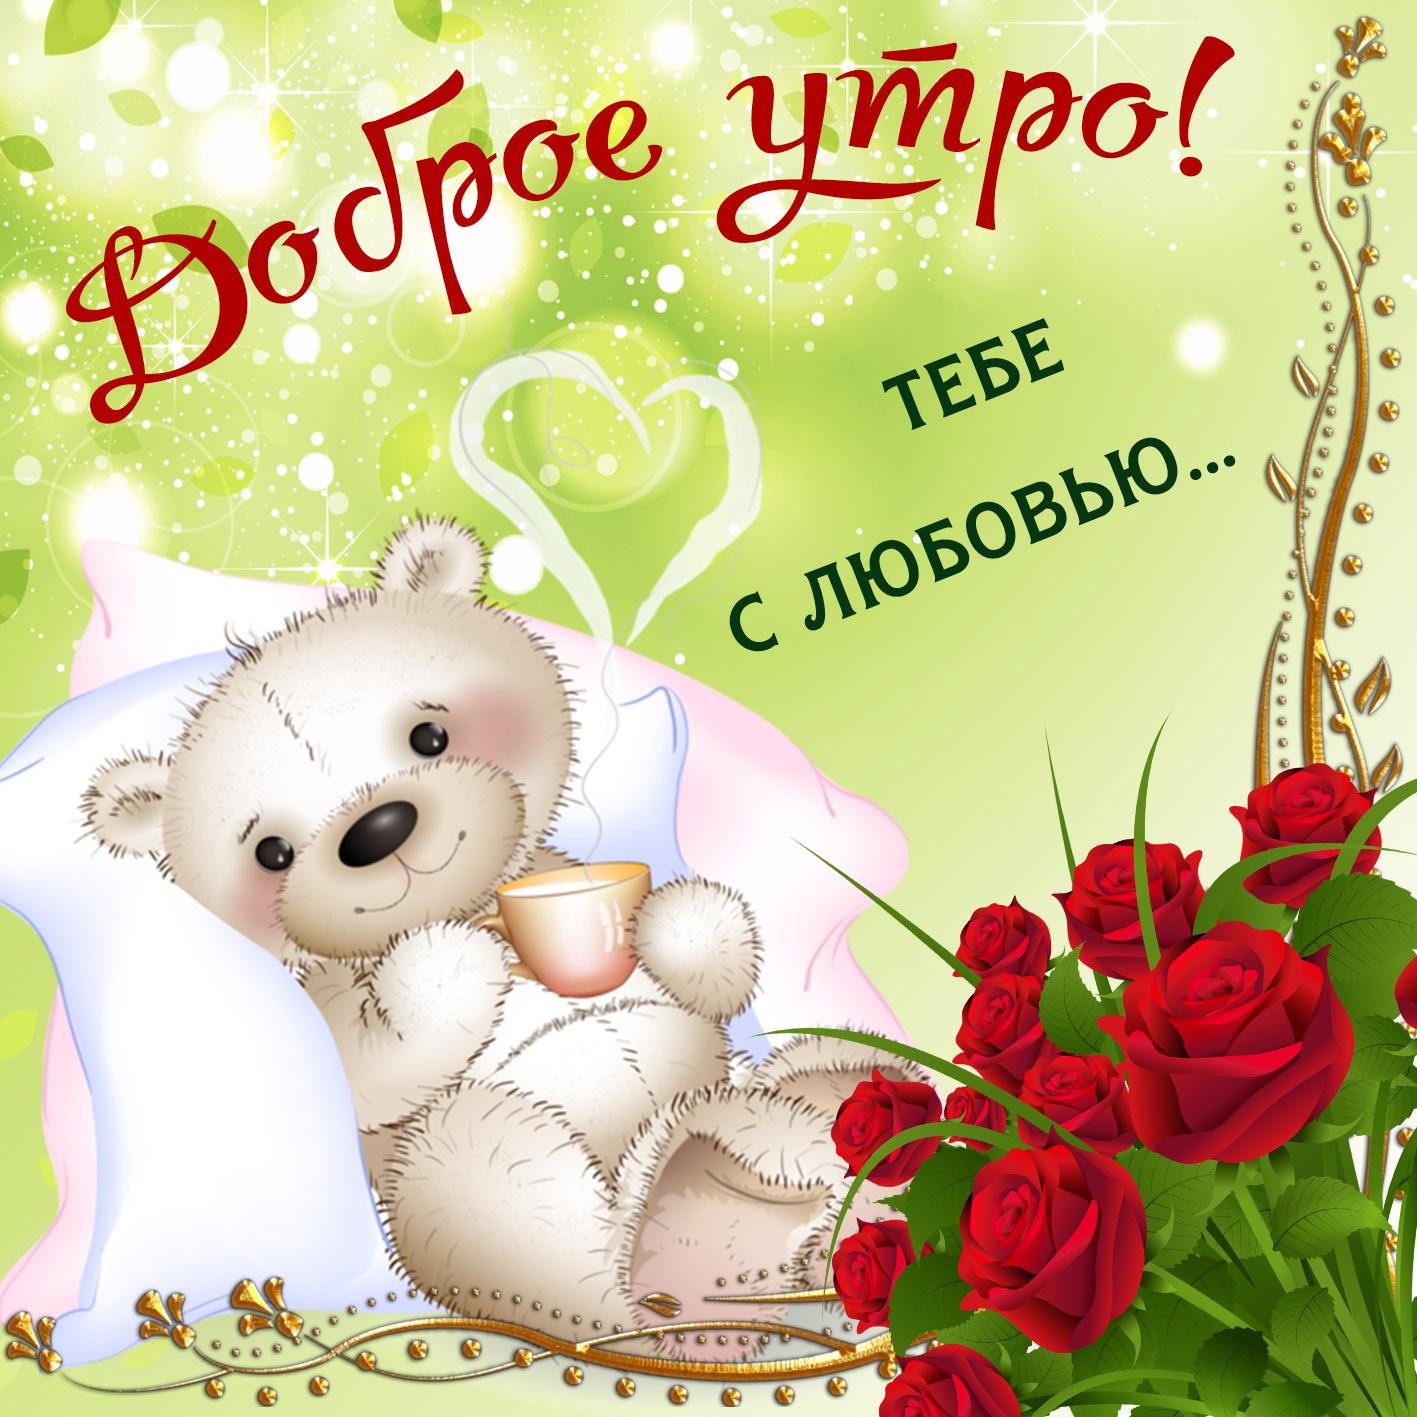 Очень красивой, открытки с мишками и цветами с добрым утром